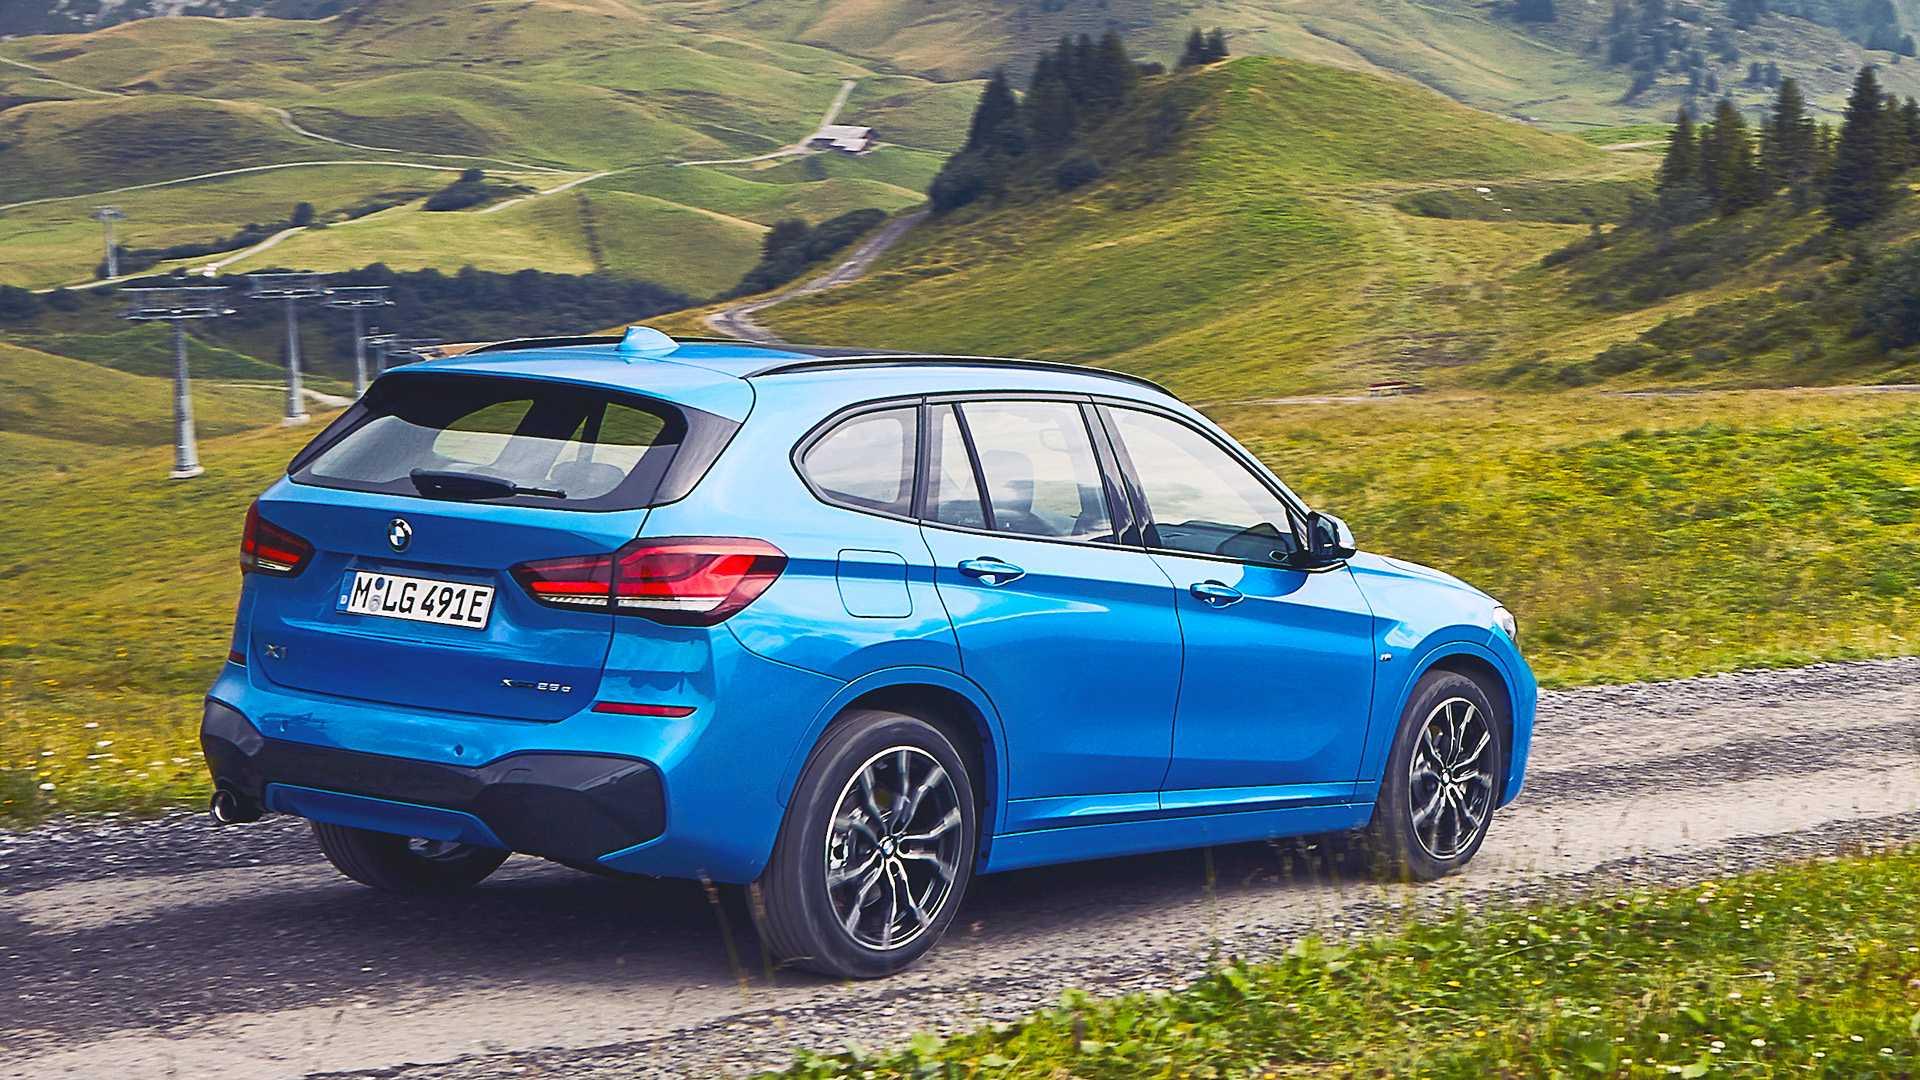 Ofertas de renting BMW X1 híbrido azul exterior